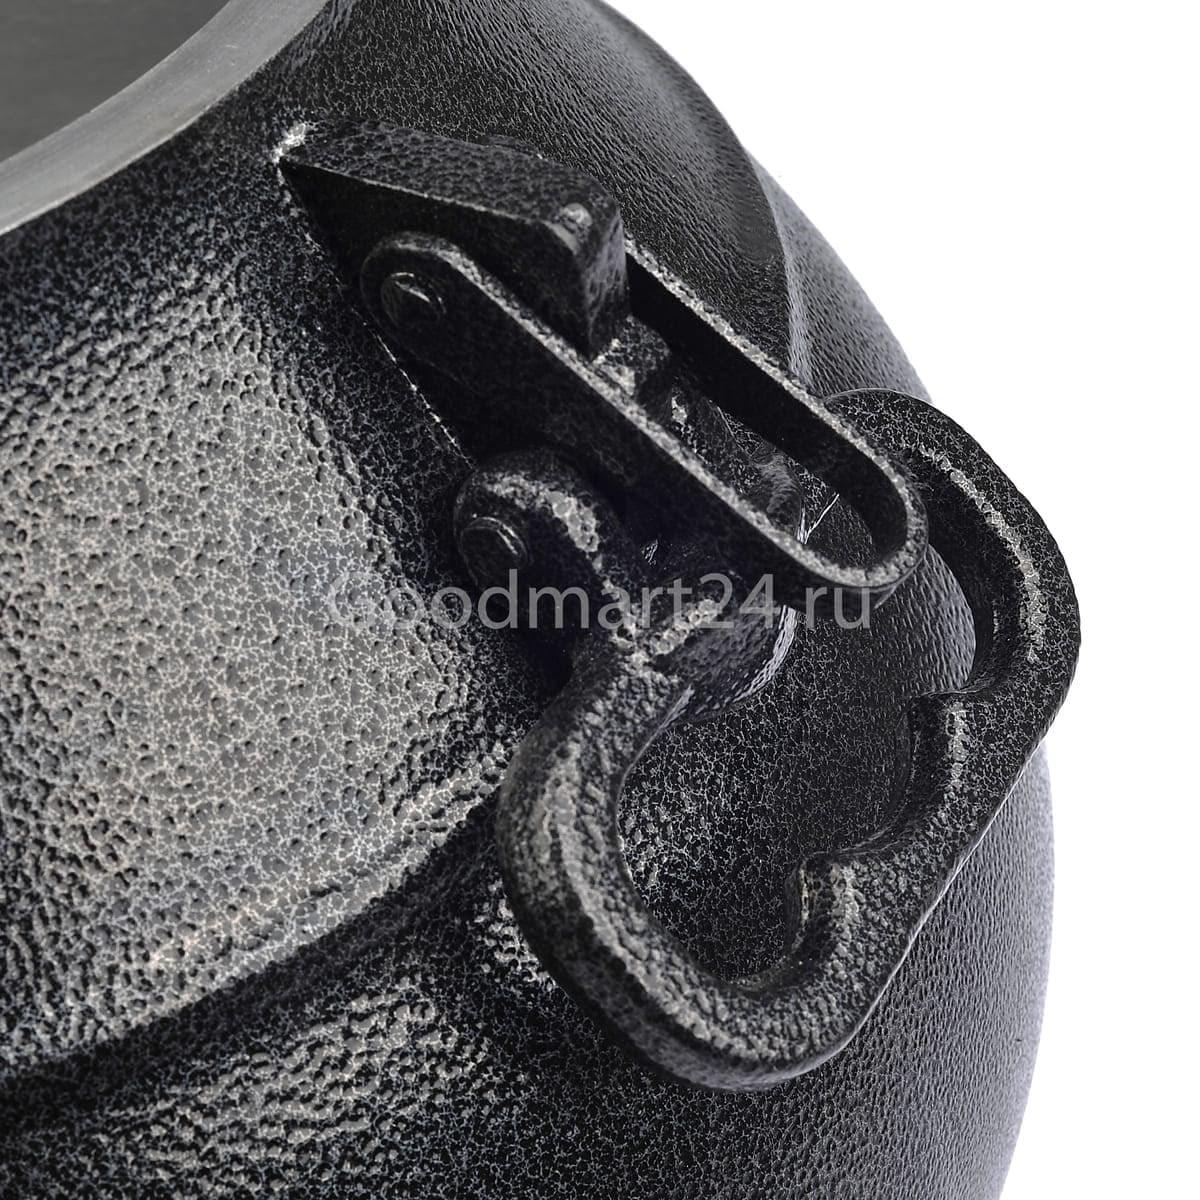 Афганский казан-скороварка 15 литров черный, алюминий - фото 12337